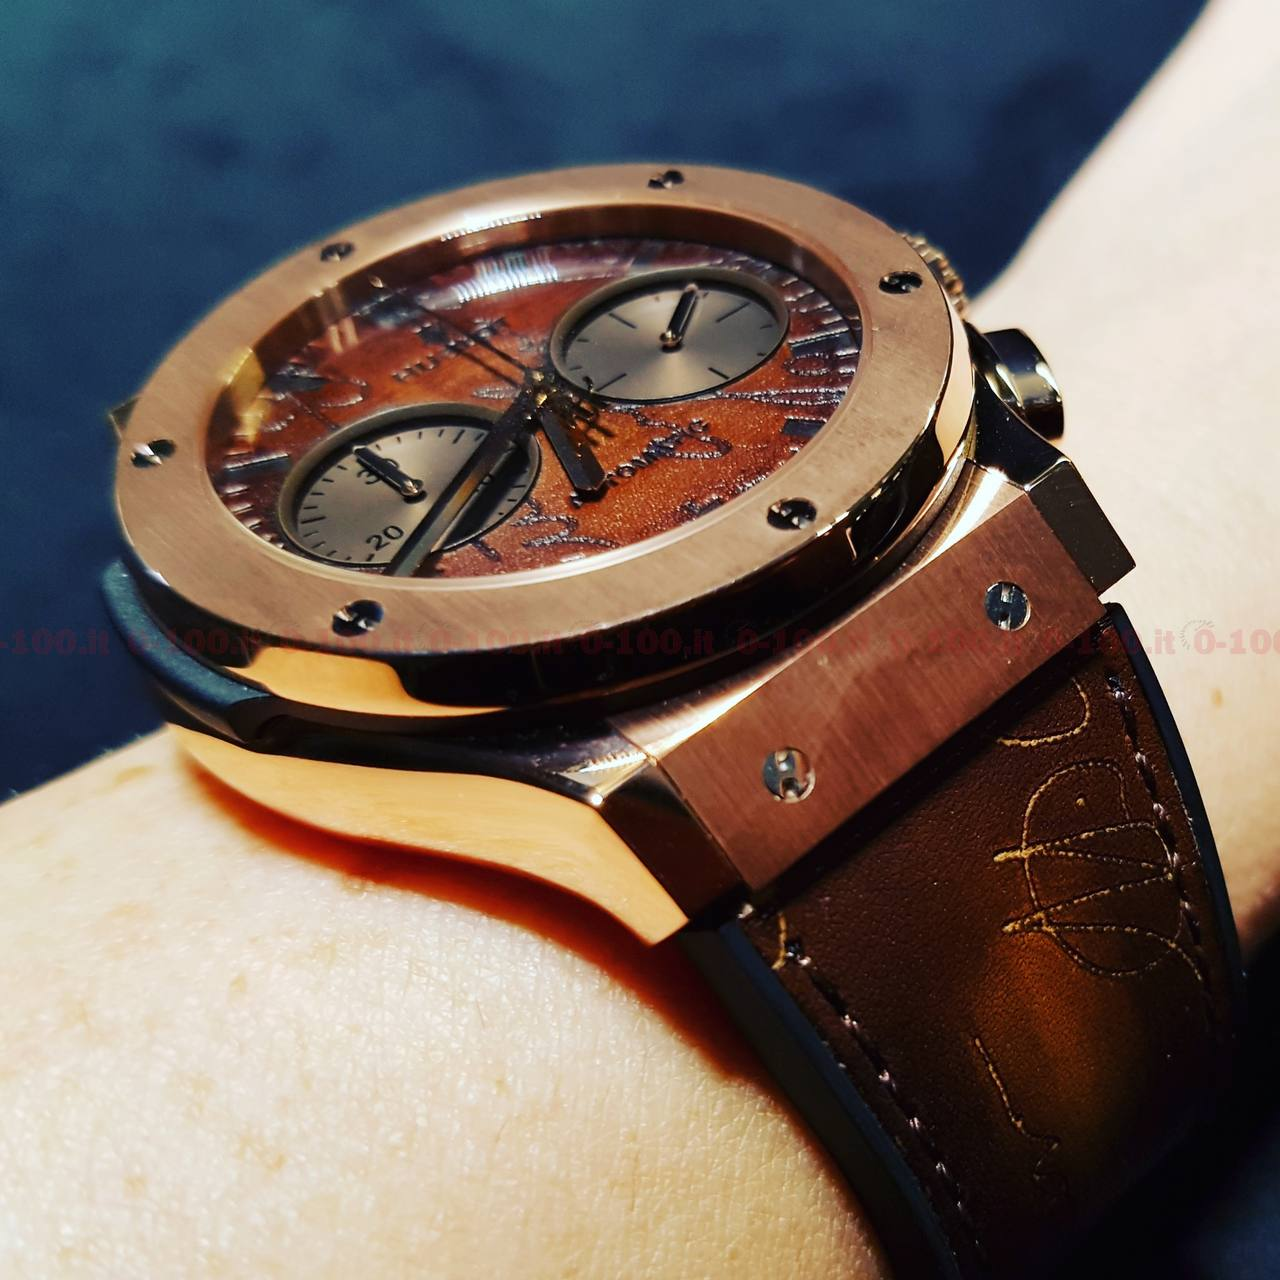 Hublot Classic Fusion Chronograph Berluti-prezo-price_0-1004